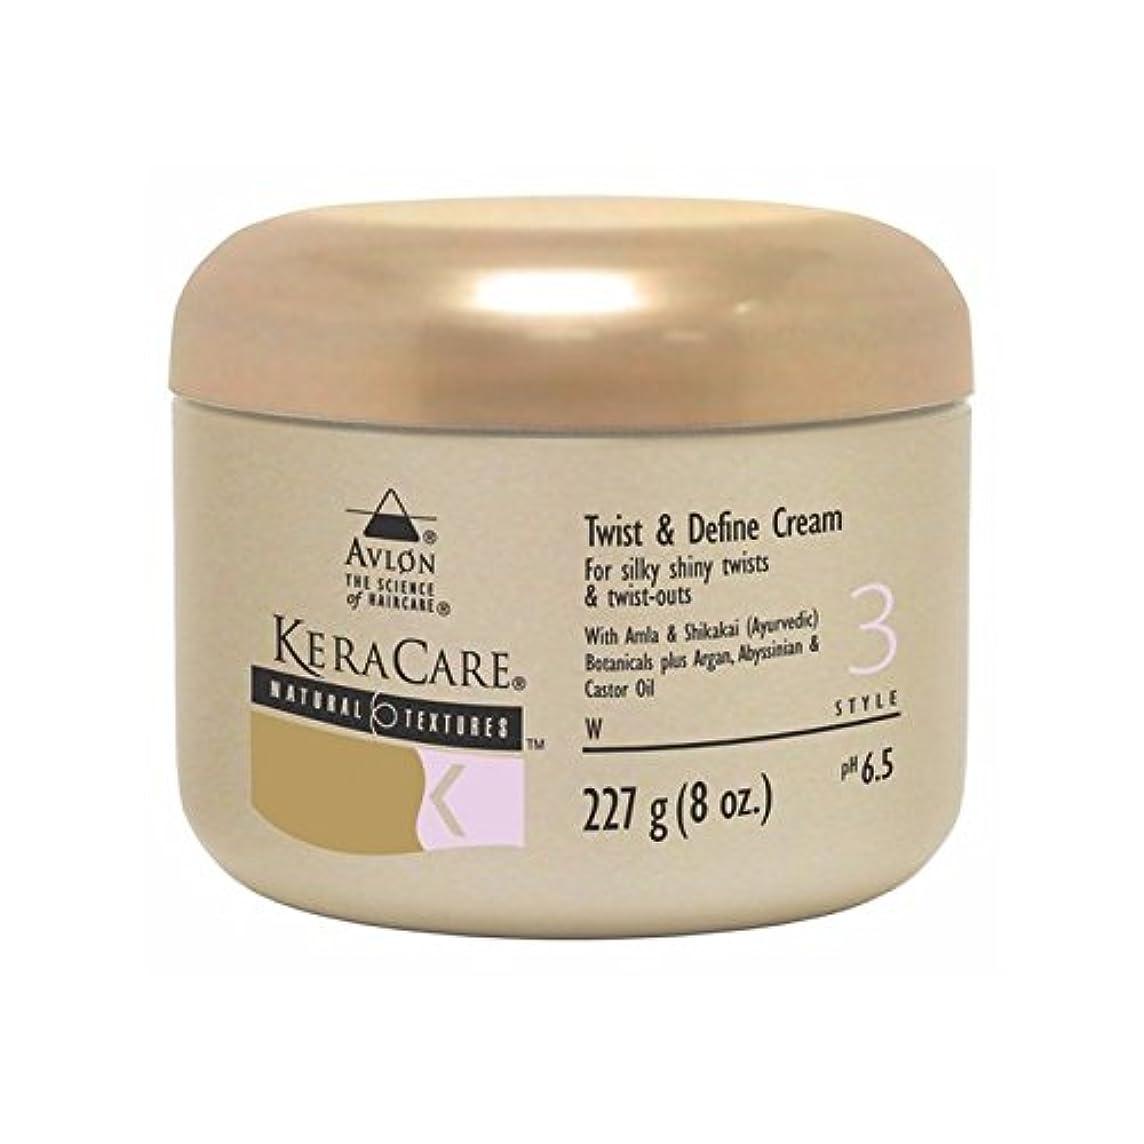 問い合わせジョージエリオットチェリー自然な質感のねじれを&クリーム(227グラム)を定義 x2 - Keracare Natural Textures Twist & Define Cream (227G) (Pack of 2) [並行輸入品]